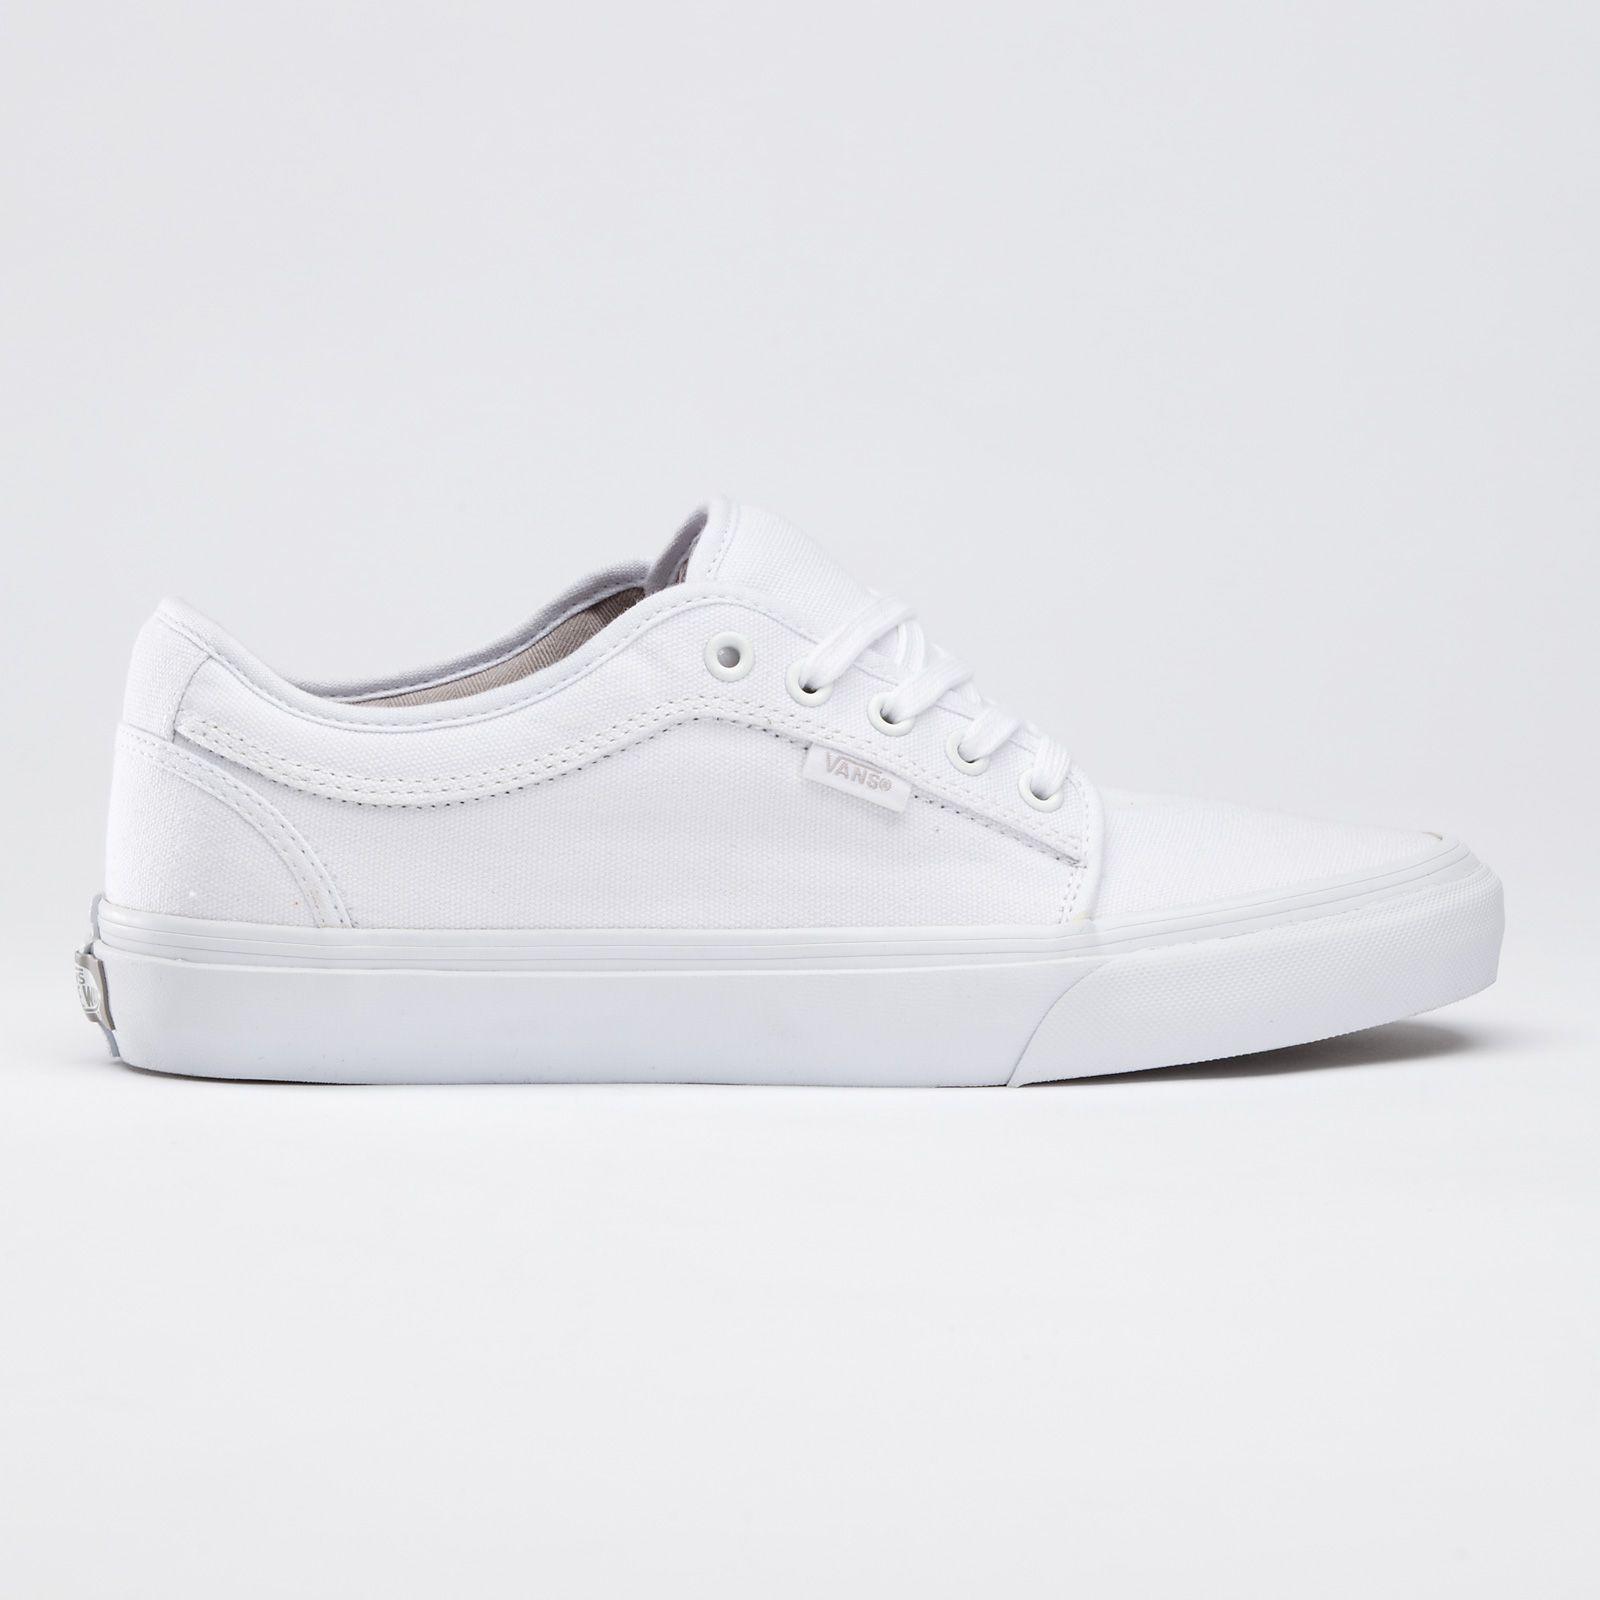 vans chukka white